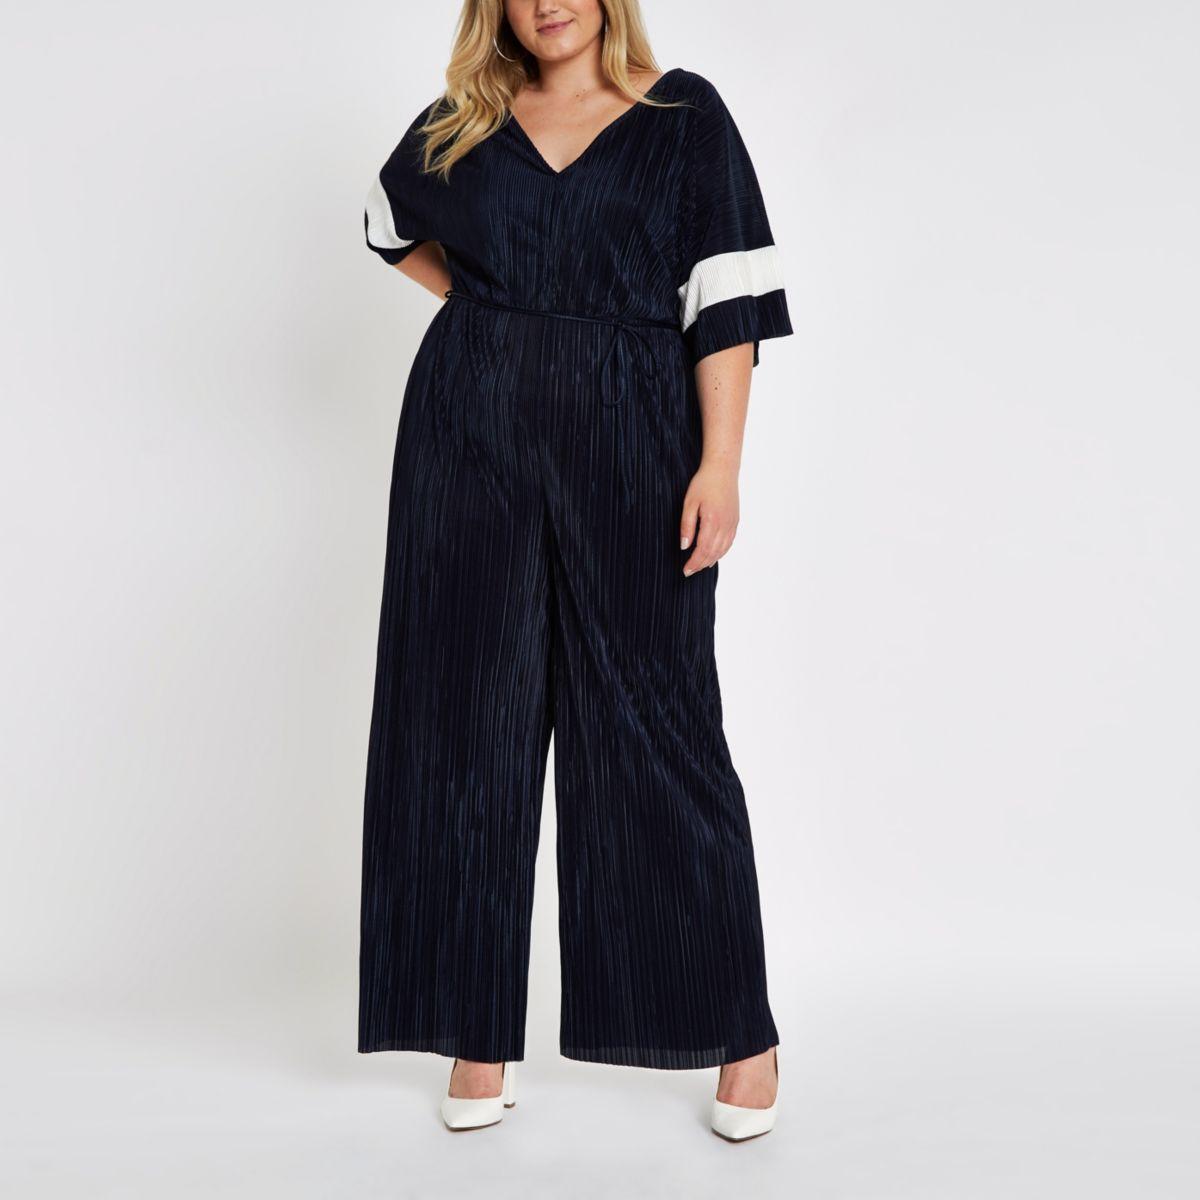 Womens Plus Navy plisse V neck wide leg jumpsuit River Island Cheap Sale Largest Supplier 65rEoE91ZW